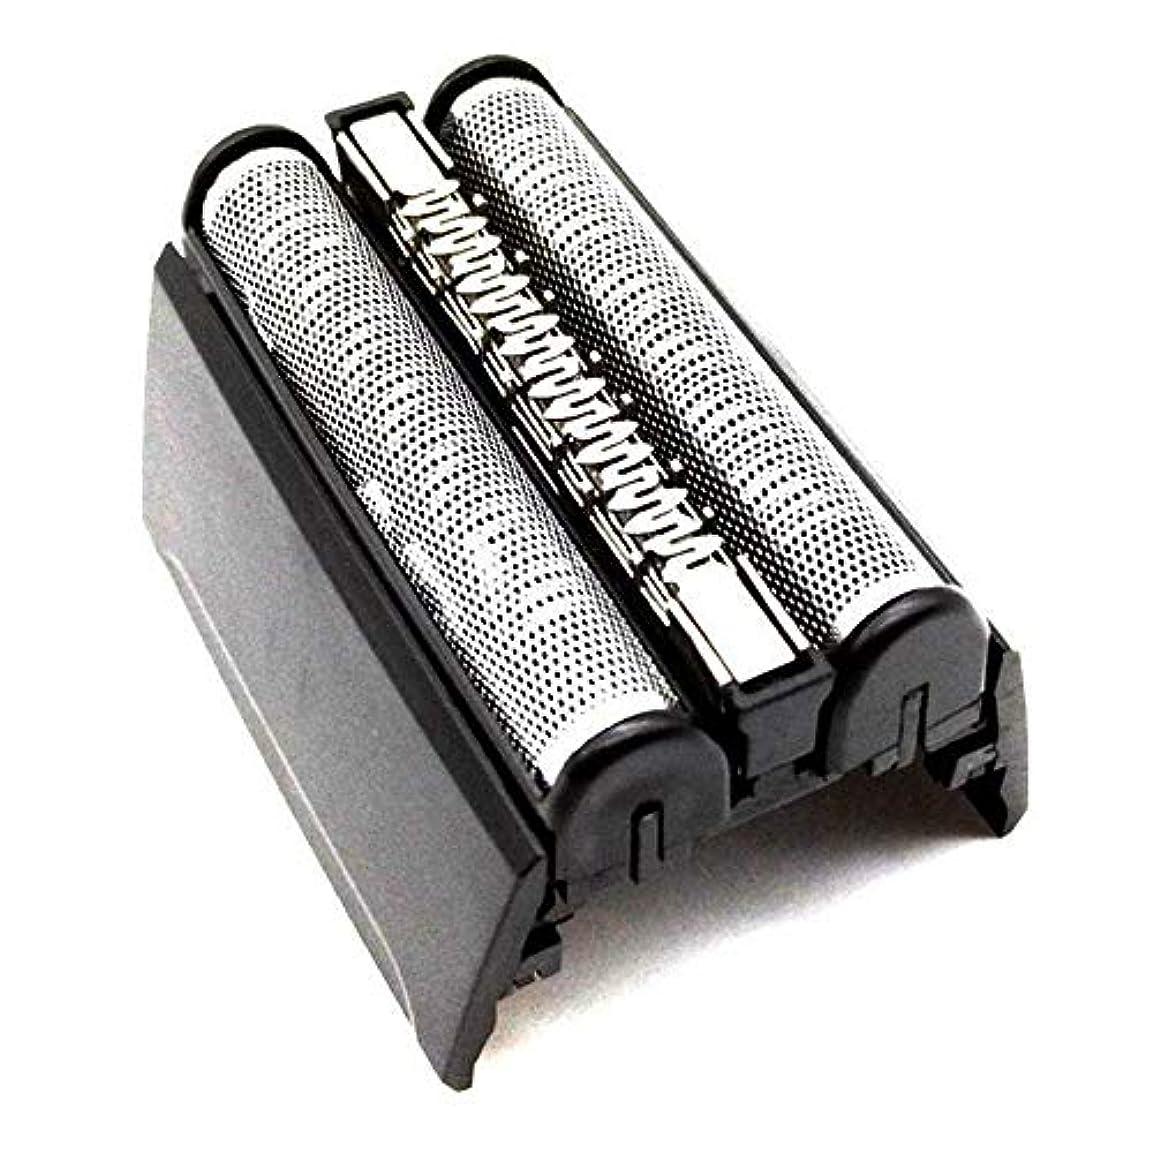 コンプリート軽蔑する芸術Decdeal 電動シェーバー替刃 髭剃り 替え刃 メンズシェーバー フォイルカッター 5050 5070 5090 5040 5020 互換性があります